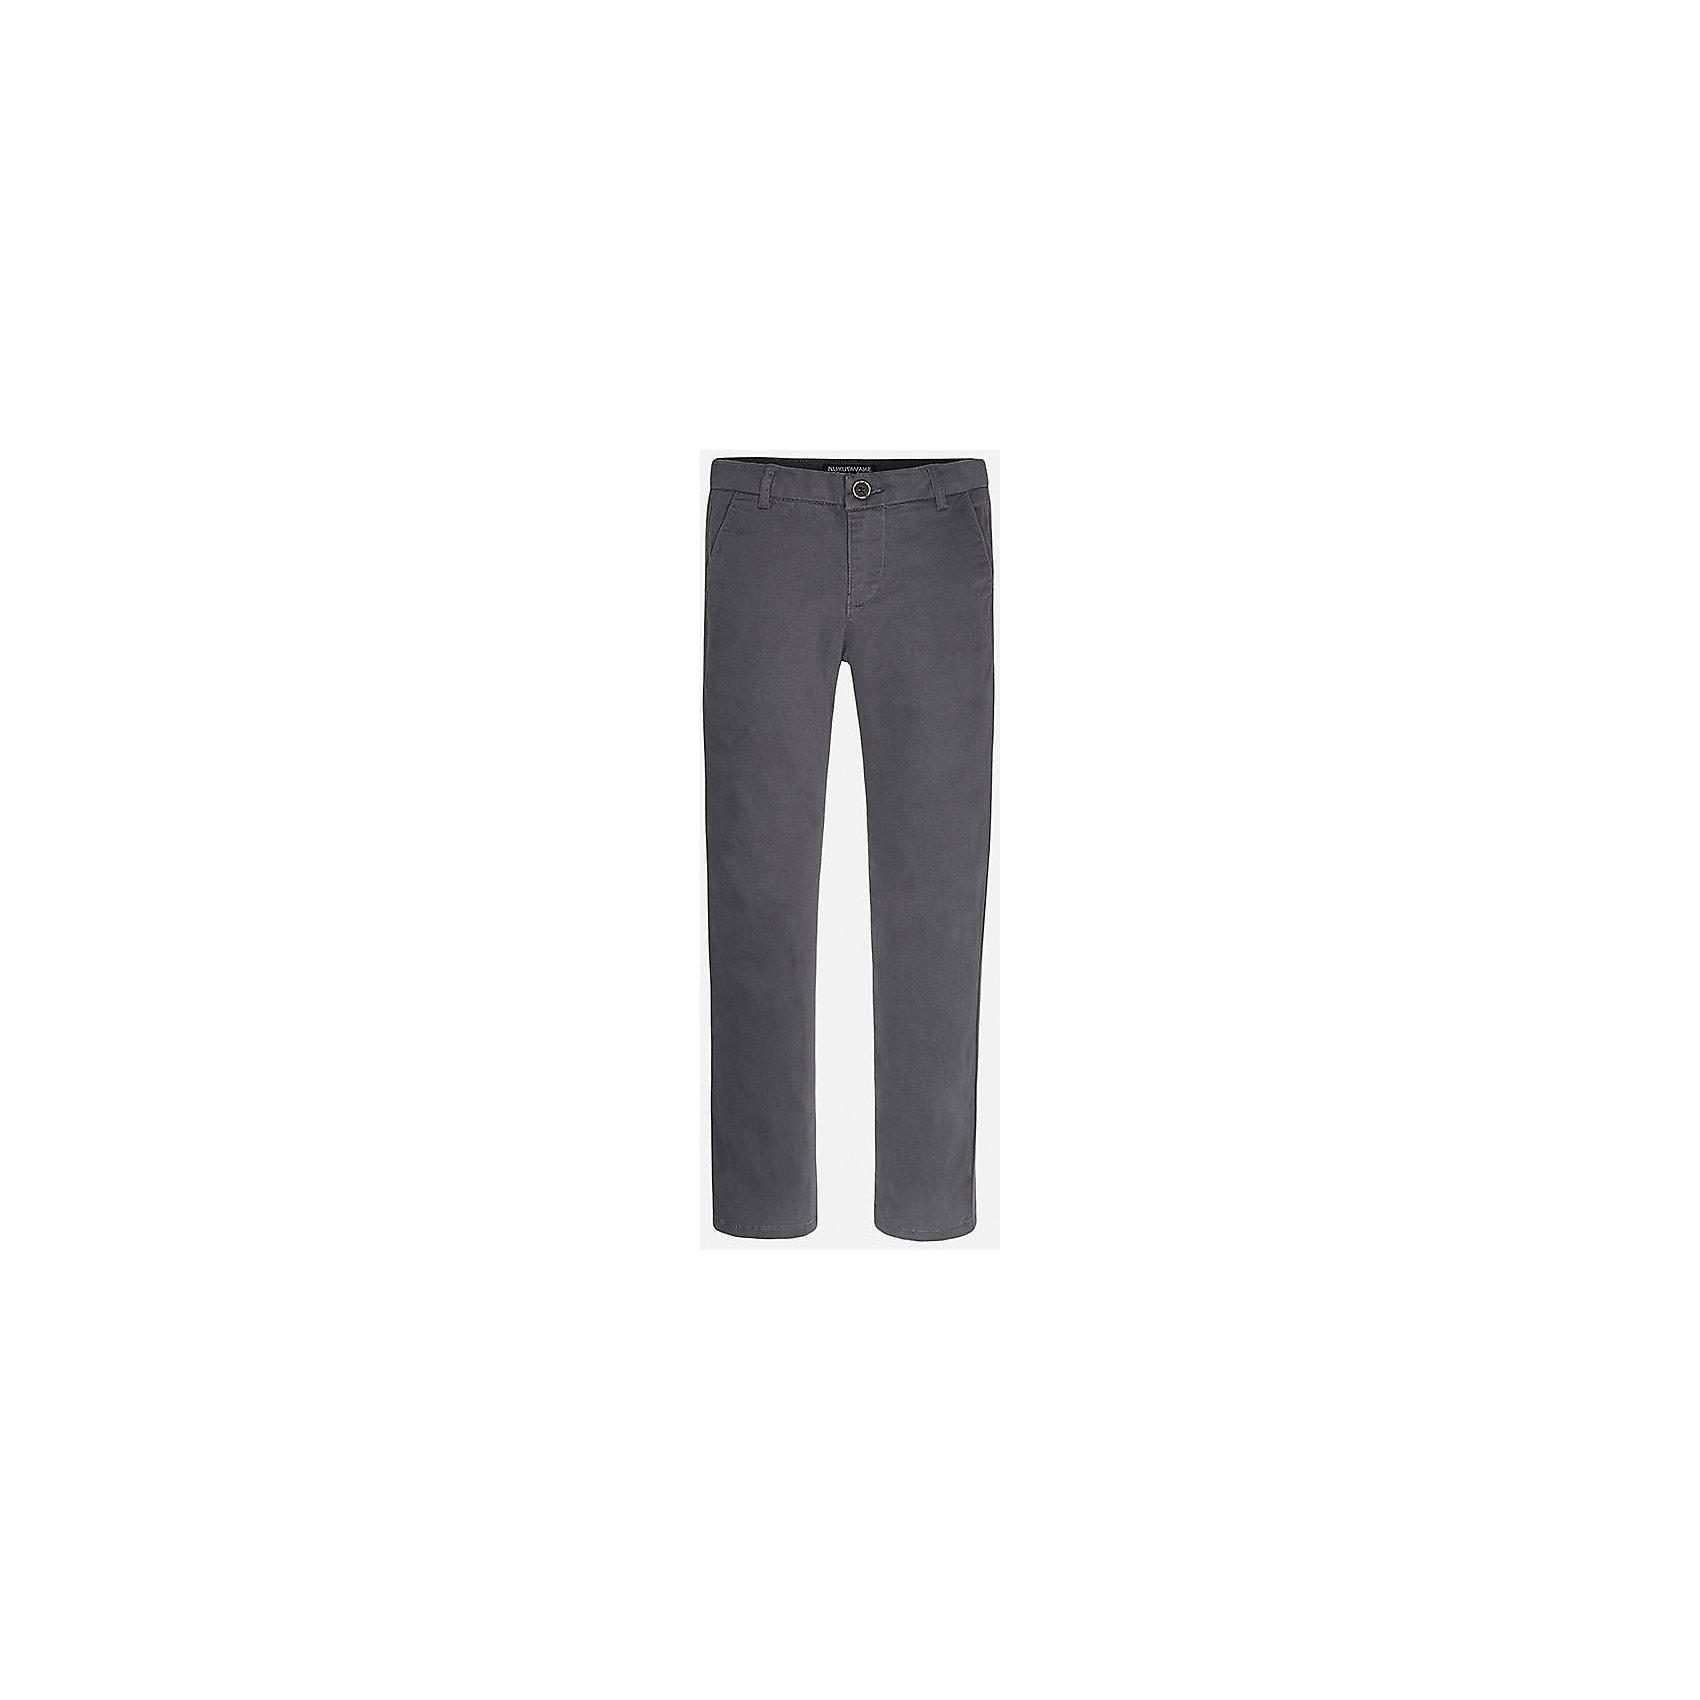 Брюки для мальчика MayoralХорошие, качественные брюки - это необходимый атрибут в гардеробе каждого человека!<br><br>Дополнительная информация:<br><br>- Крой: классический крой (Regular fit).<br>- Страна бренда: Испания.<br>- Состав: хлопок 97%, эластан 3%.<br>- Цвет: синий.<br>- Уход: бережная стирка при 30 градусах.<br><br>Купить брюки для мальчика Mayoral можно в нашем магазине.<br><br>Ширина мм: 215<br>Глубина мм: 88<br>Высота мм: 191<br>Вес г: 336<br>Цвет: серый<br>Возраст от месяцев: 96<br>Возраст до месяцев: 108<br>Пол: Мужской<br>Возраст: Детский<br>Размер: 128/134,164/170,158/164,152/158,146/152,140/146<br>SKU: 4826687